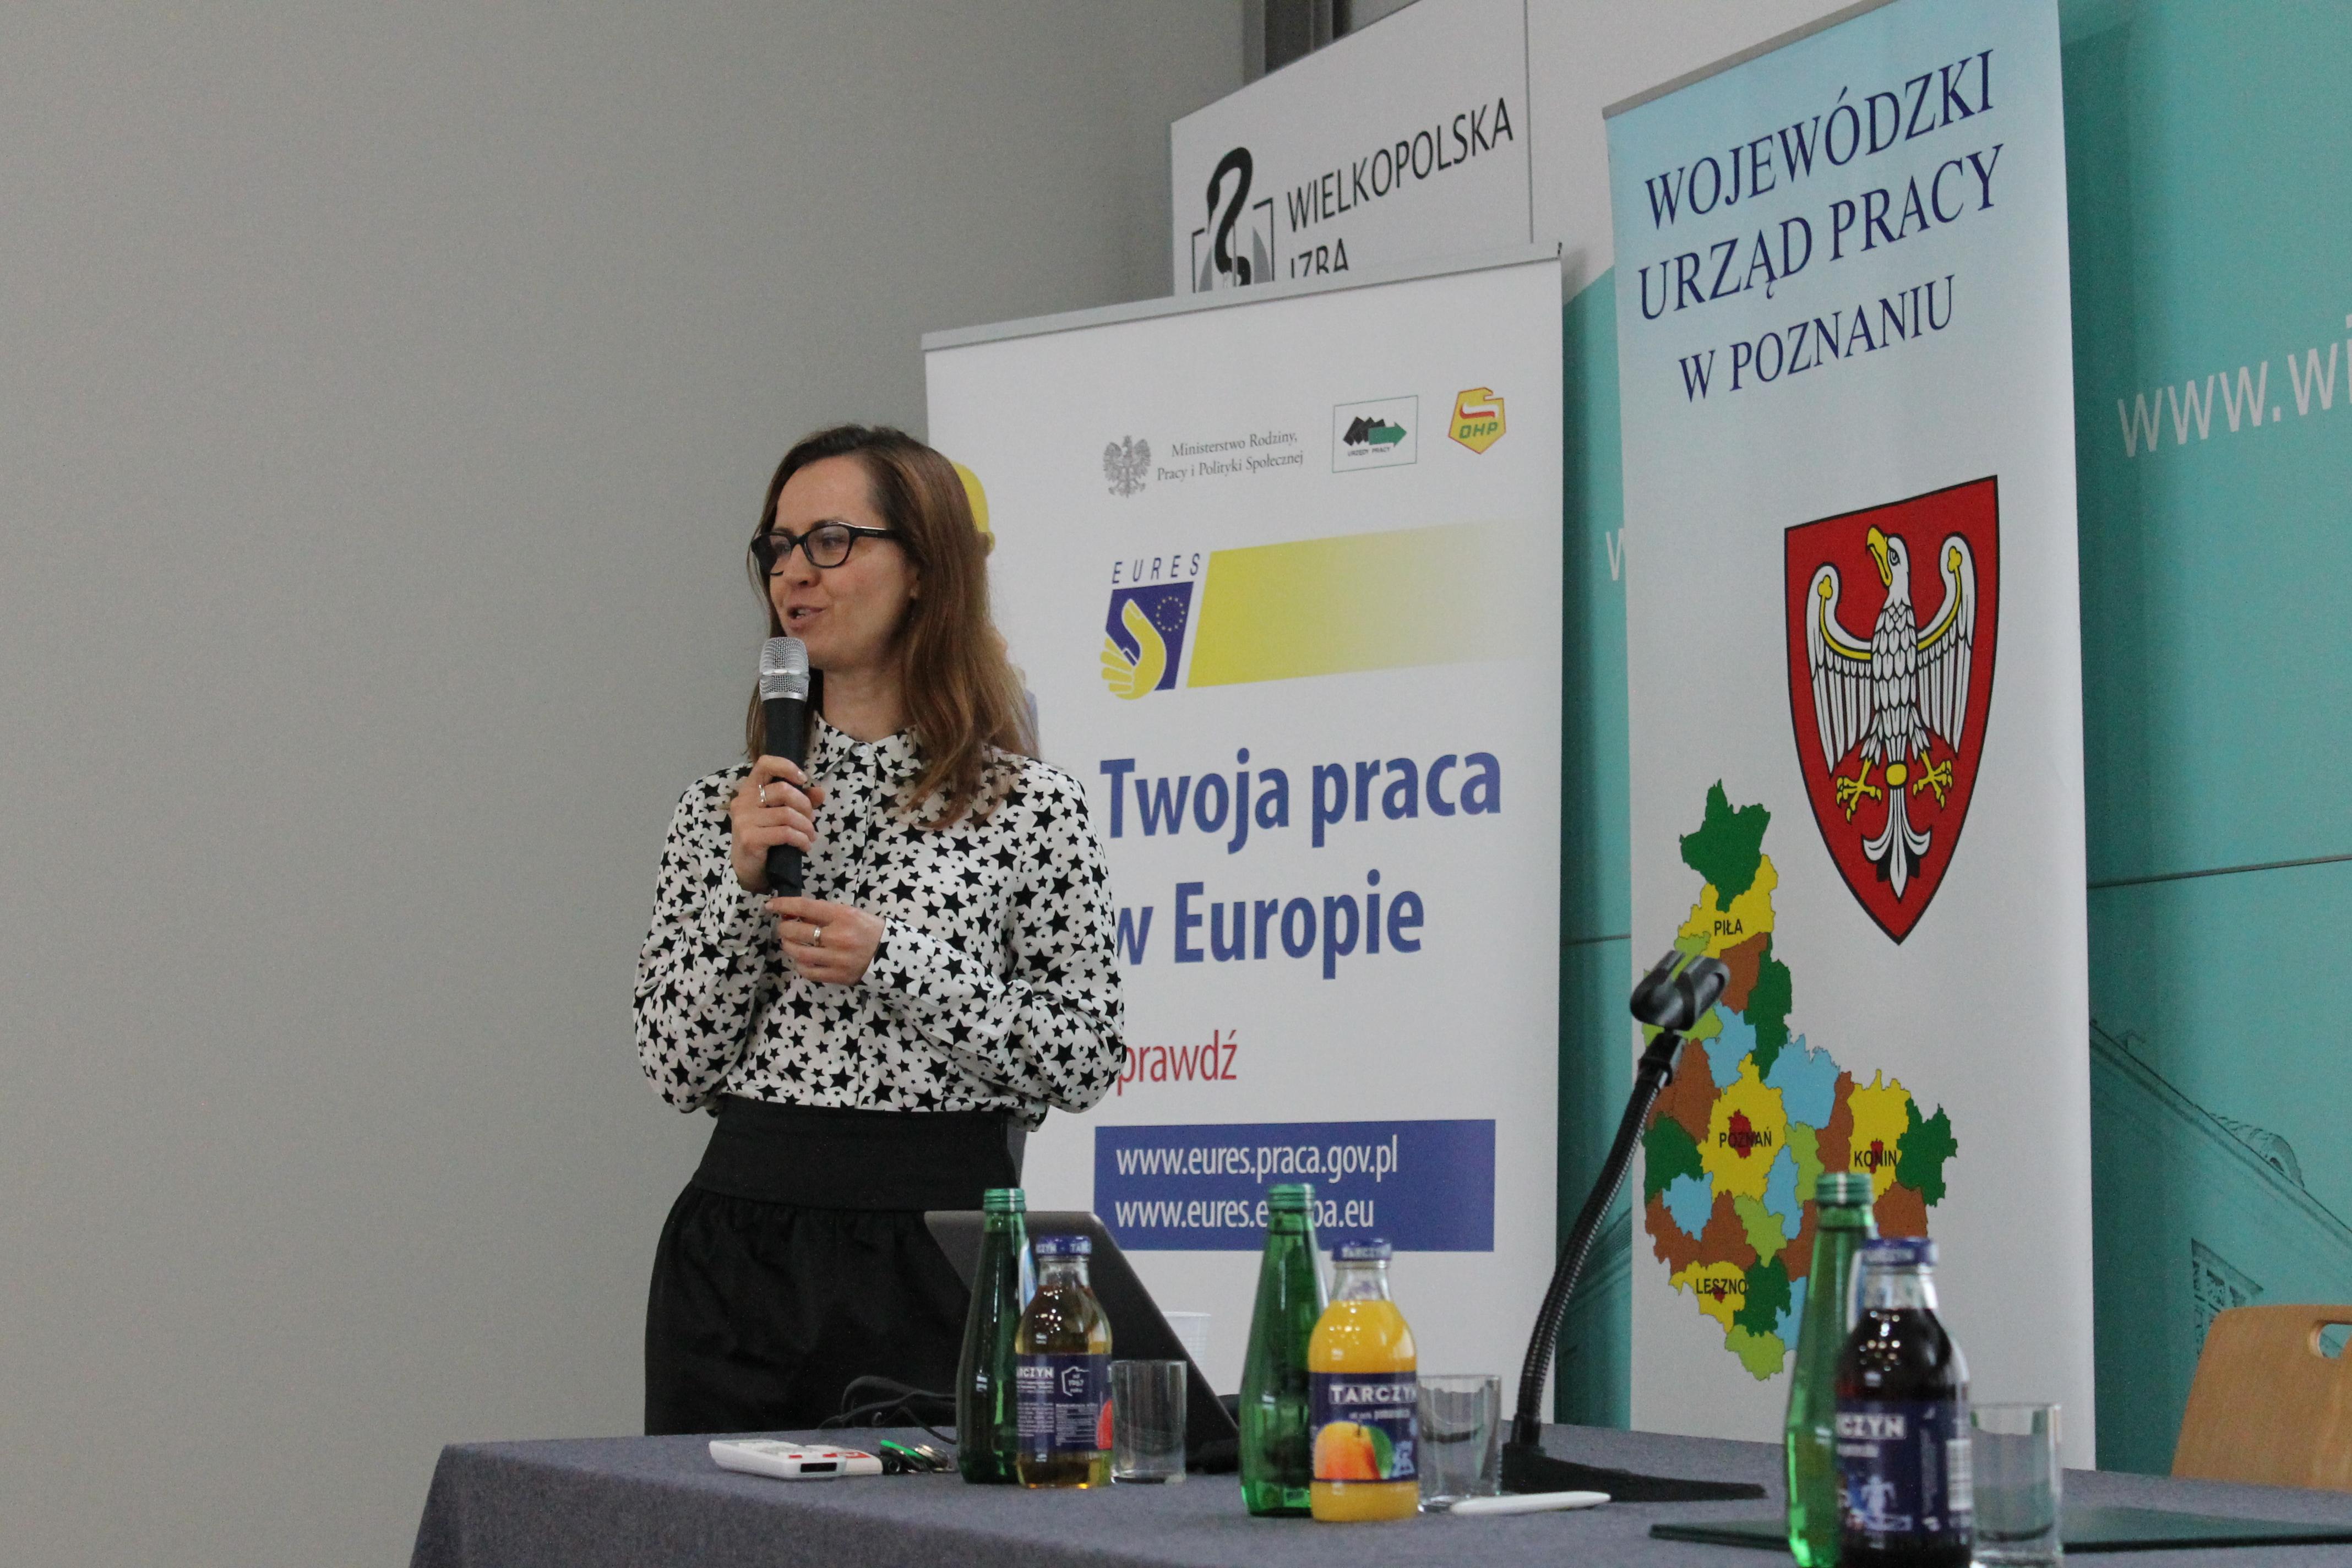 """""""Usługi biznesowe w Poznaniu"""". Katarzyna Sobocińska, Zastępca Dyrektora Biura Obsługi Inwestorów - Urząd Miasta Poznania"""